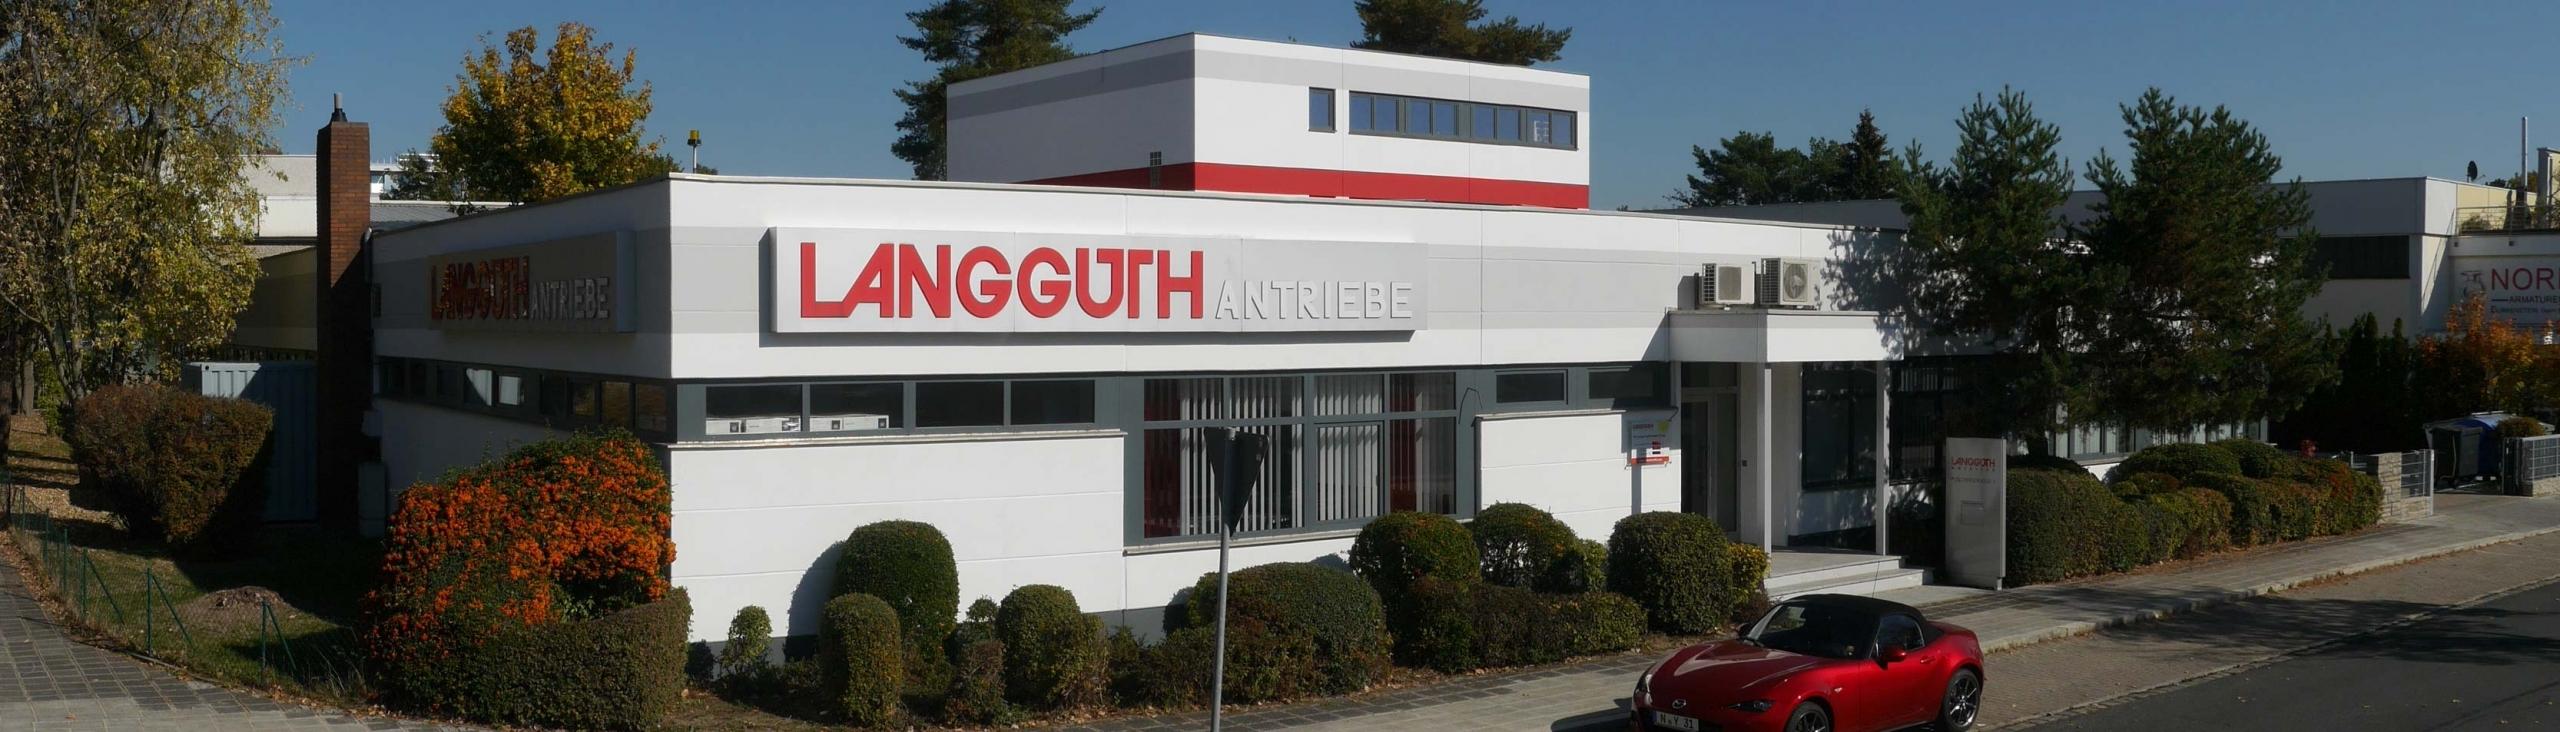 Langguth-Antriebe Firmengebäude